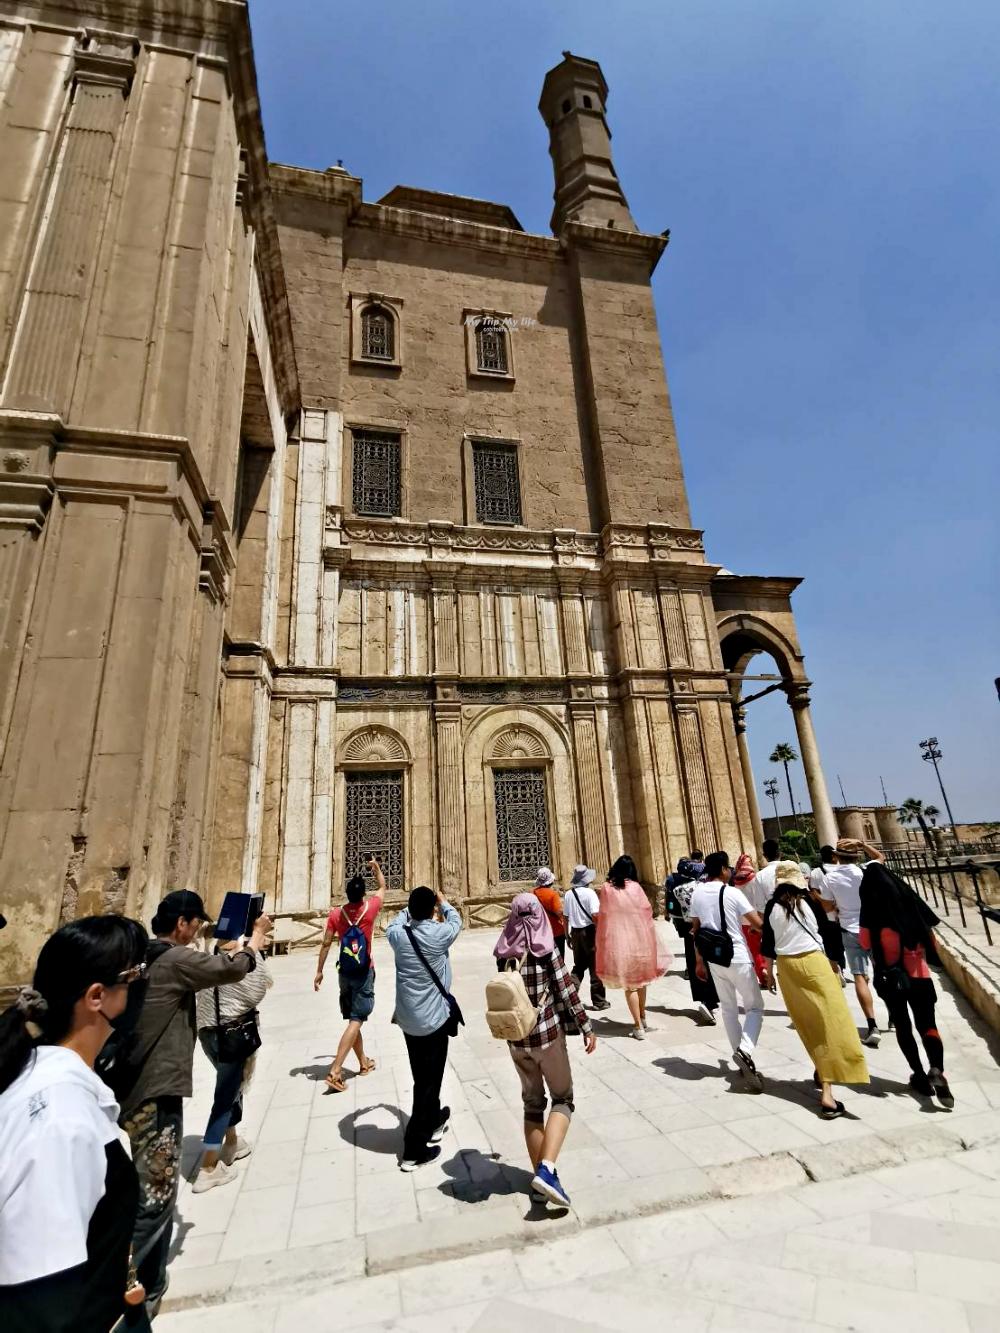 埃及旅遊|開羅清真寺、臥鋪體驗、吉薩火車站 @MY TRIP ‧ MY LIFE